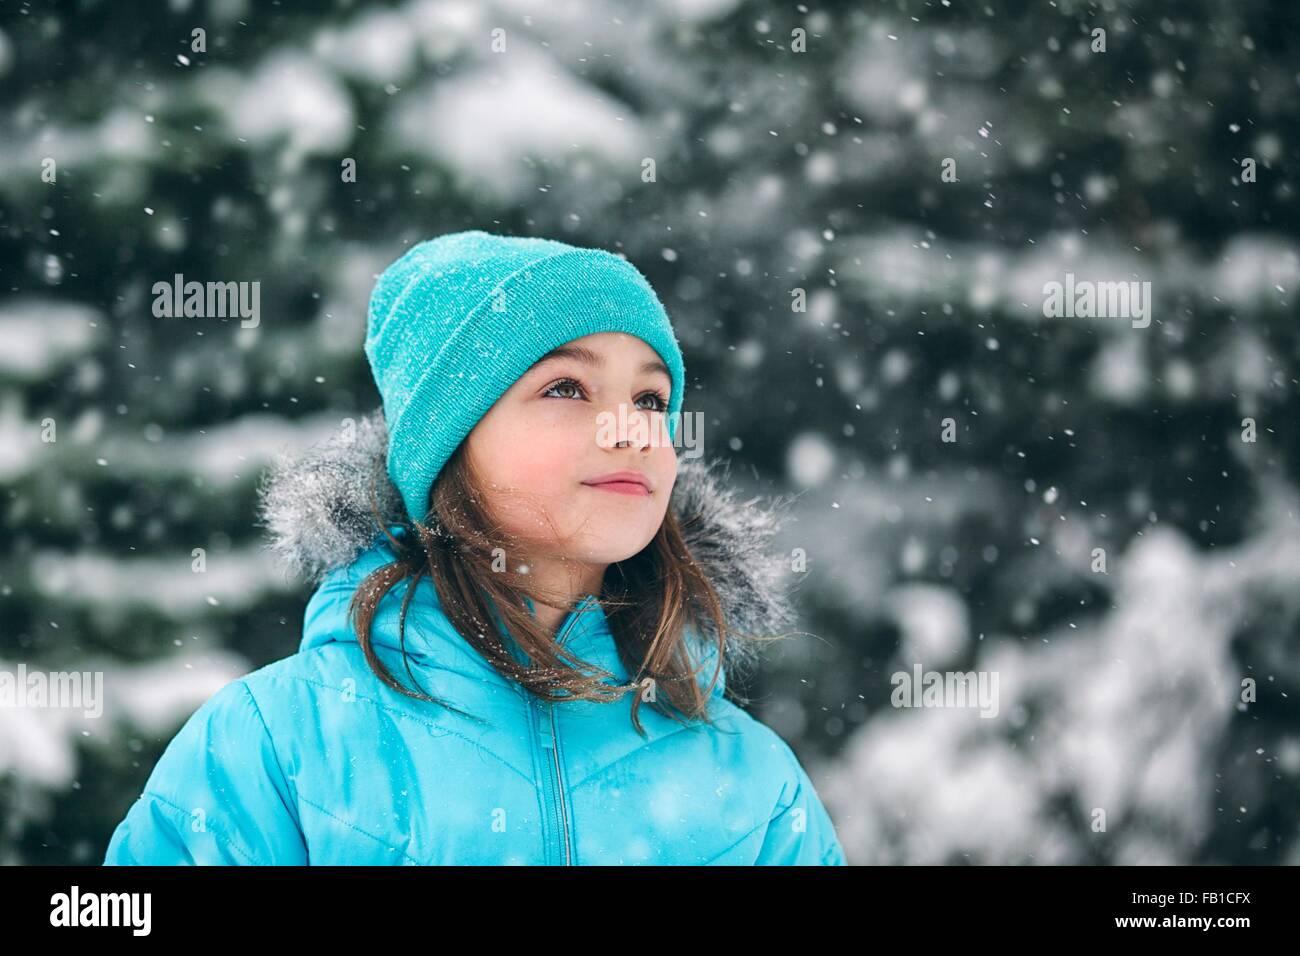 Girl wearing Knit hat looking away, neige Photo Stock